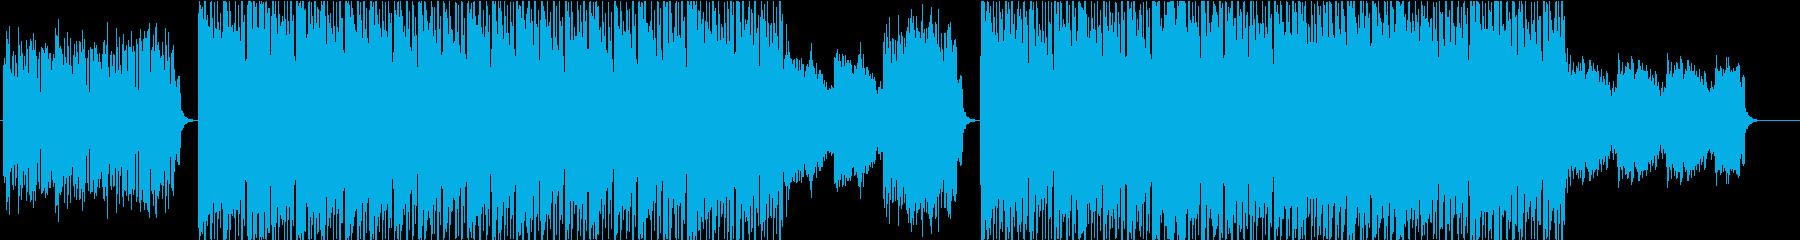 エレクトロニックフュージョン(WAV)の再生済みの波形